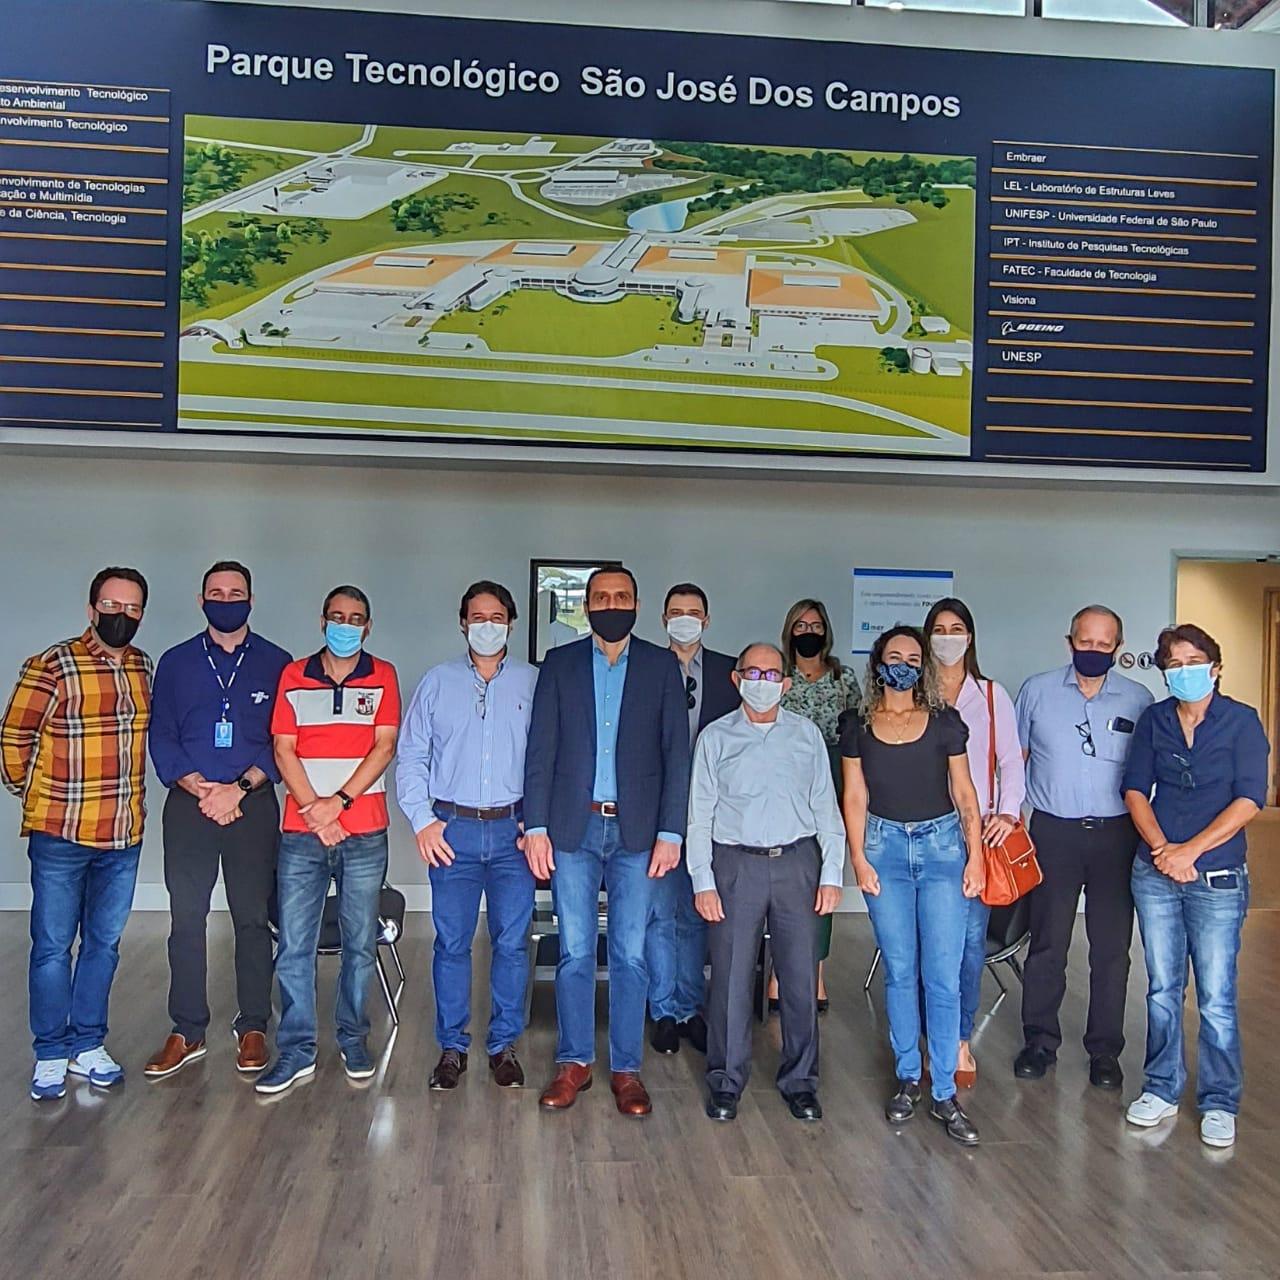 Visita ao Parque Tecnológico de São José dos Campos